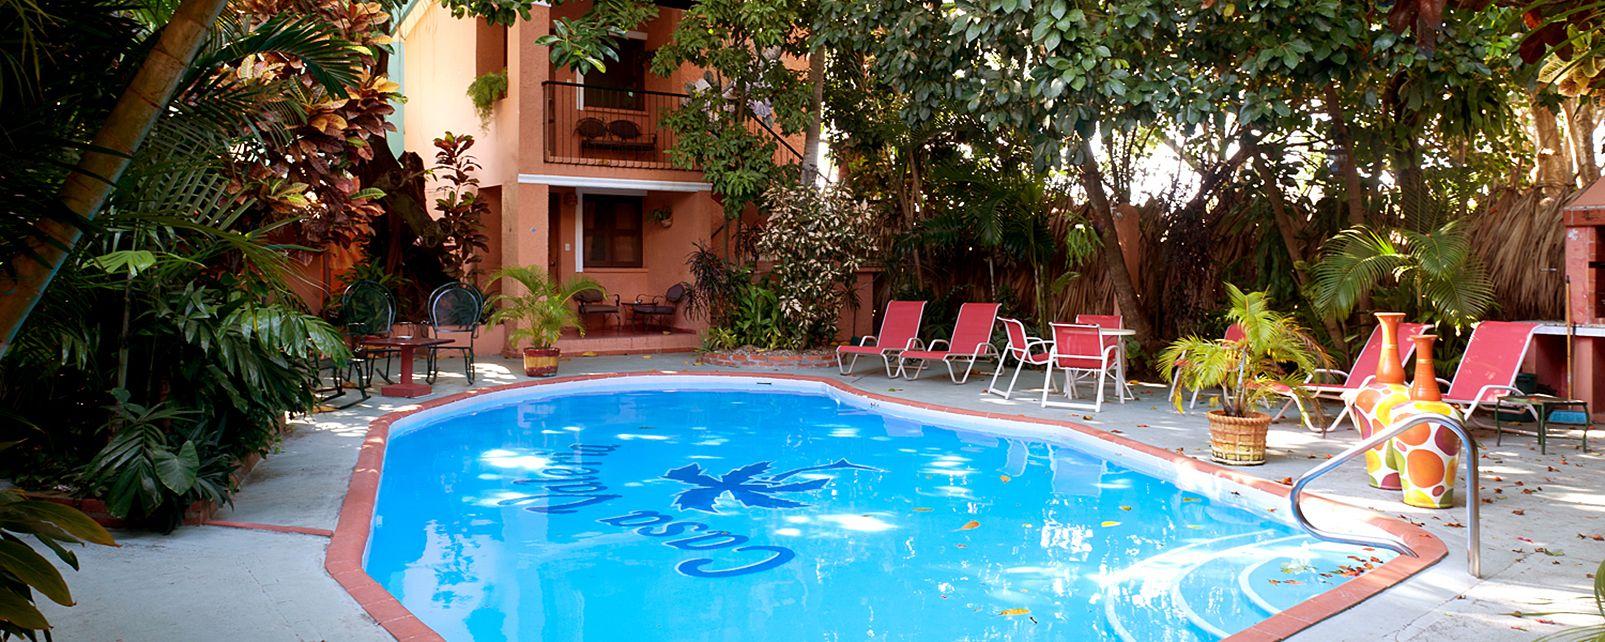 Hôtel Casa Valeria